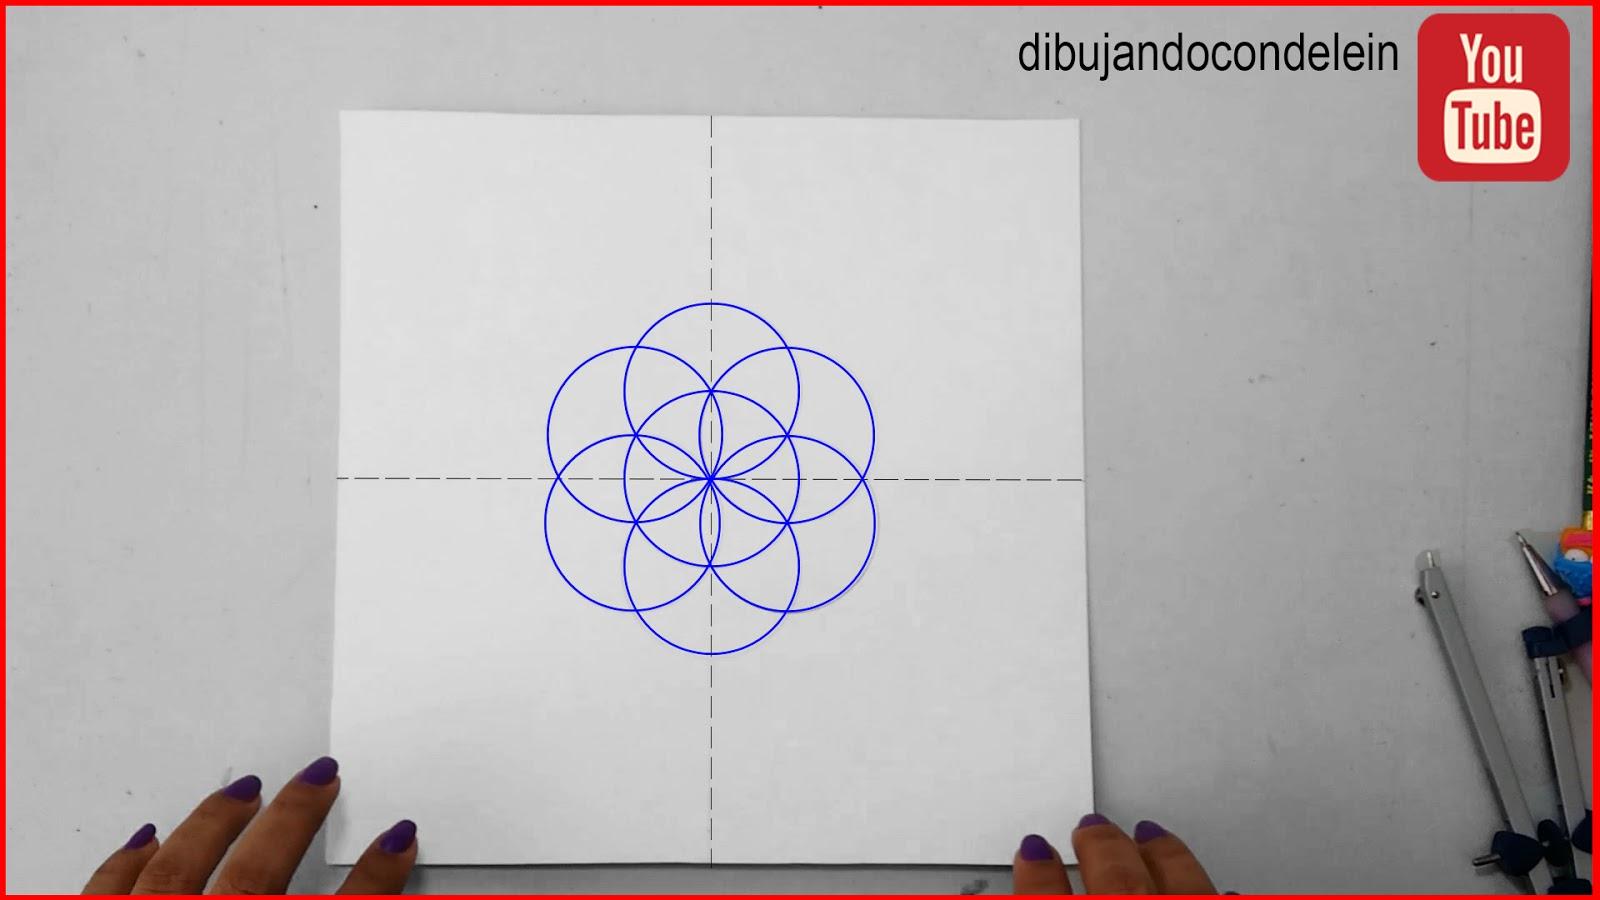 """Dibujando Con Delein Como Hacer Una Libreta De Dibujo: Dibujando Con Delein: Cómo Dibujar Un Mandala #5, """"Flor"""